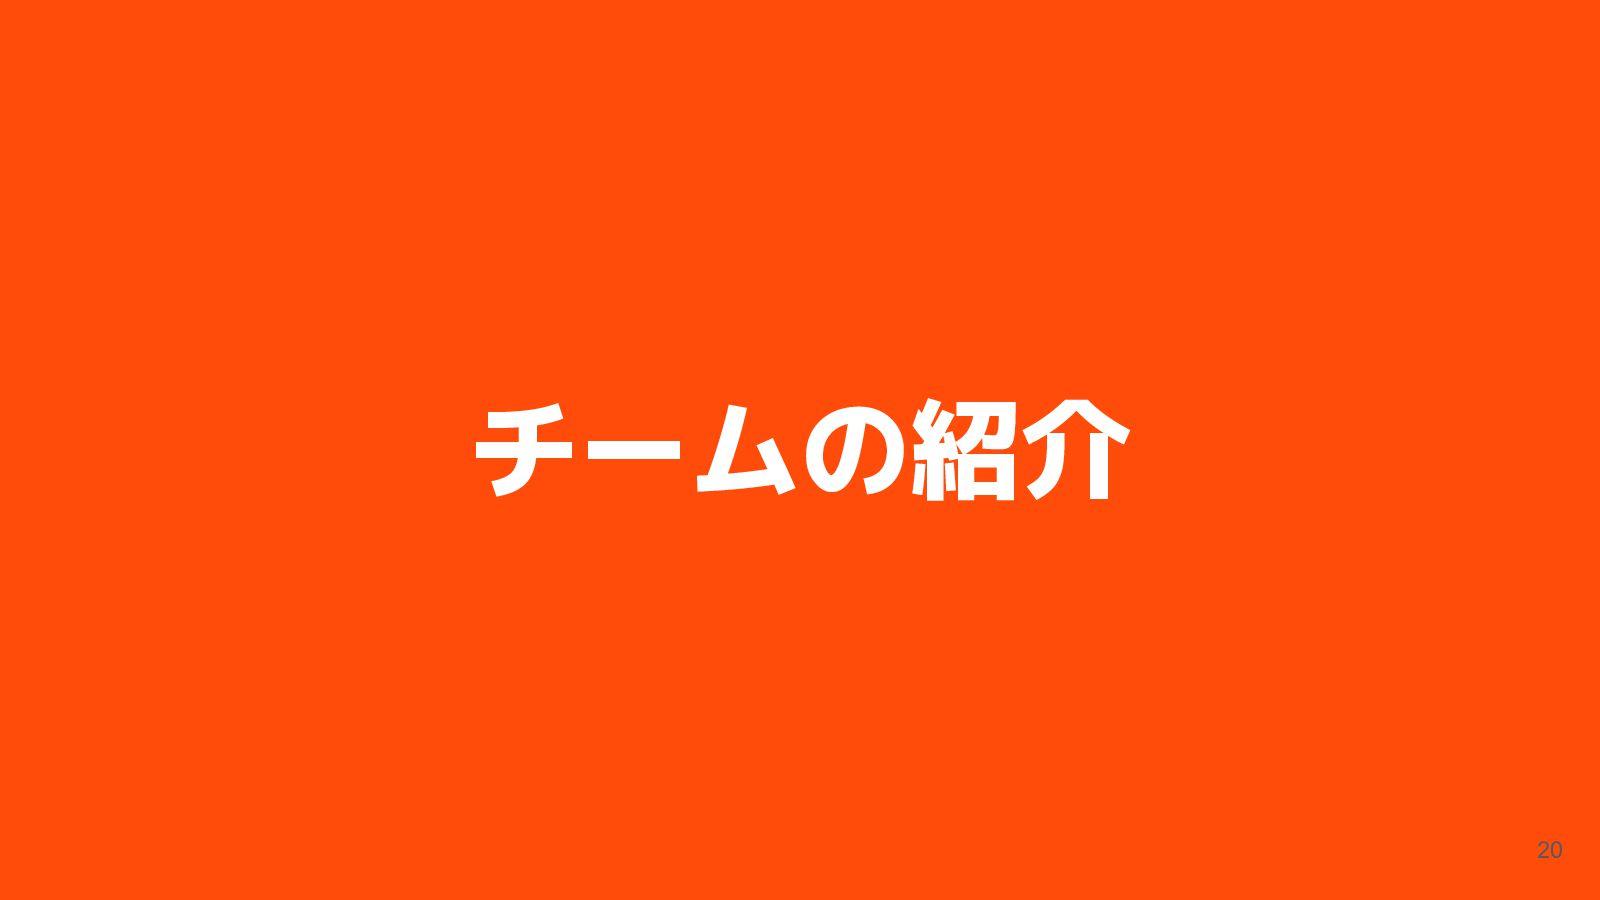 英単語アプリ mikan のこれから 「400万DLを超え、スケールを目指す」 より効率的に ...